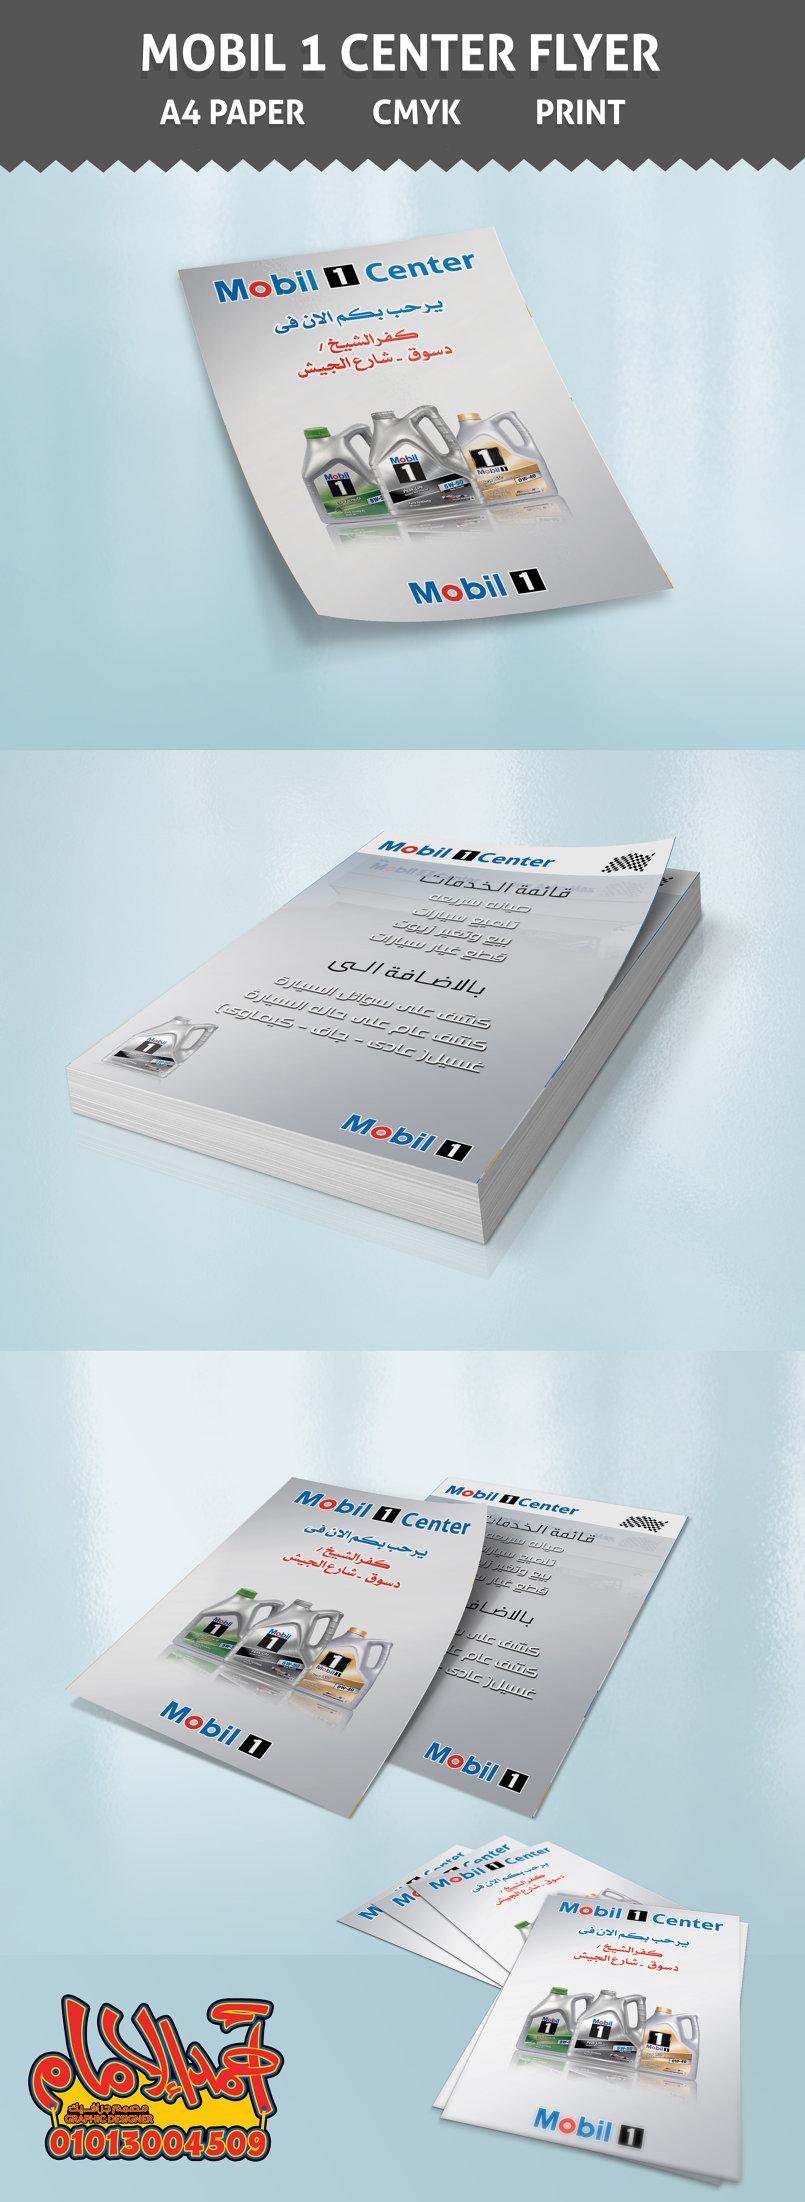 Mobil 1 Center Flyer